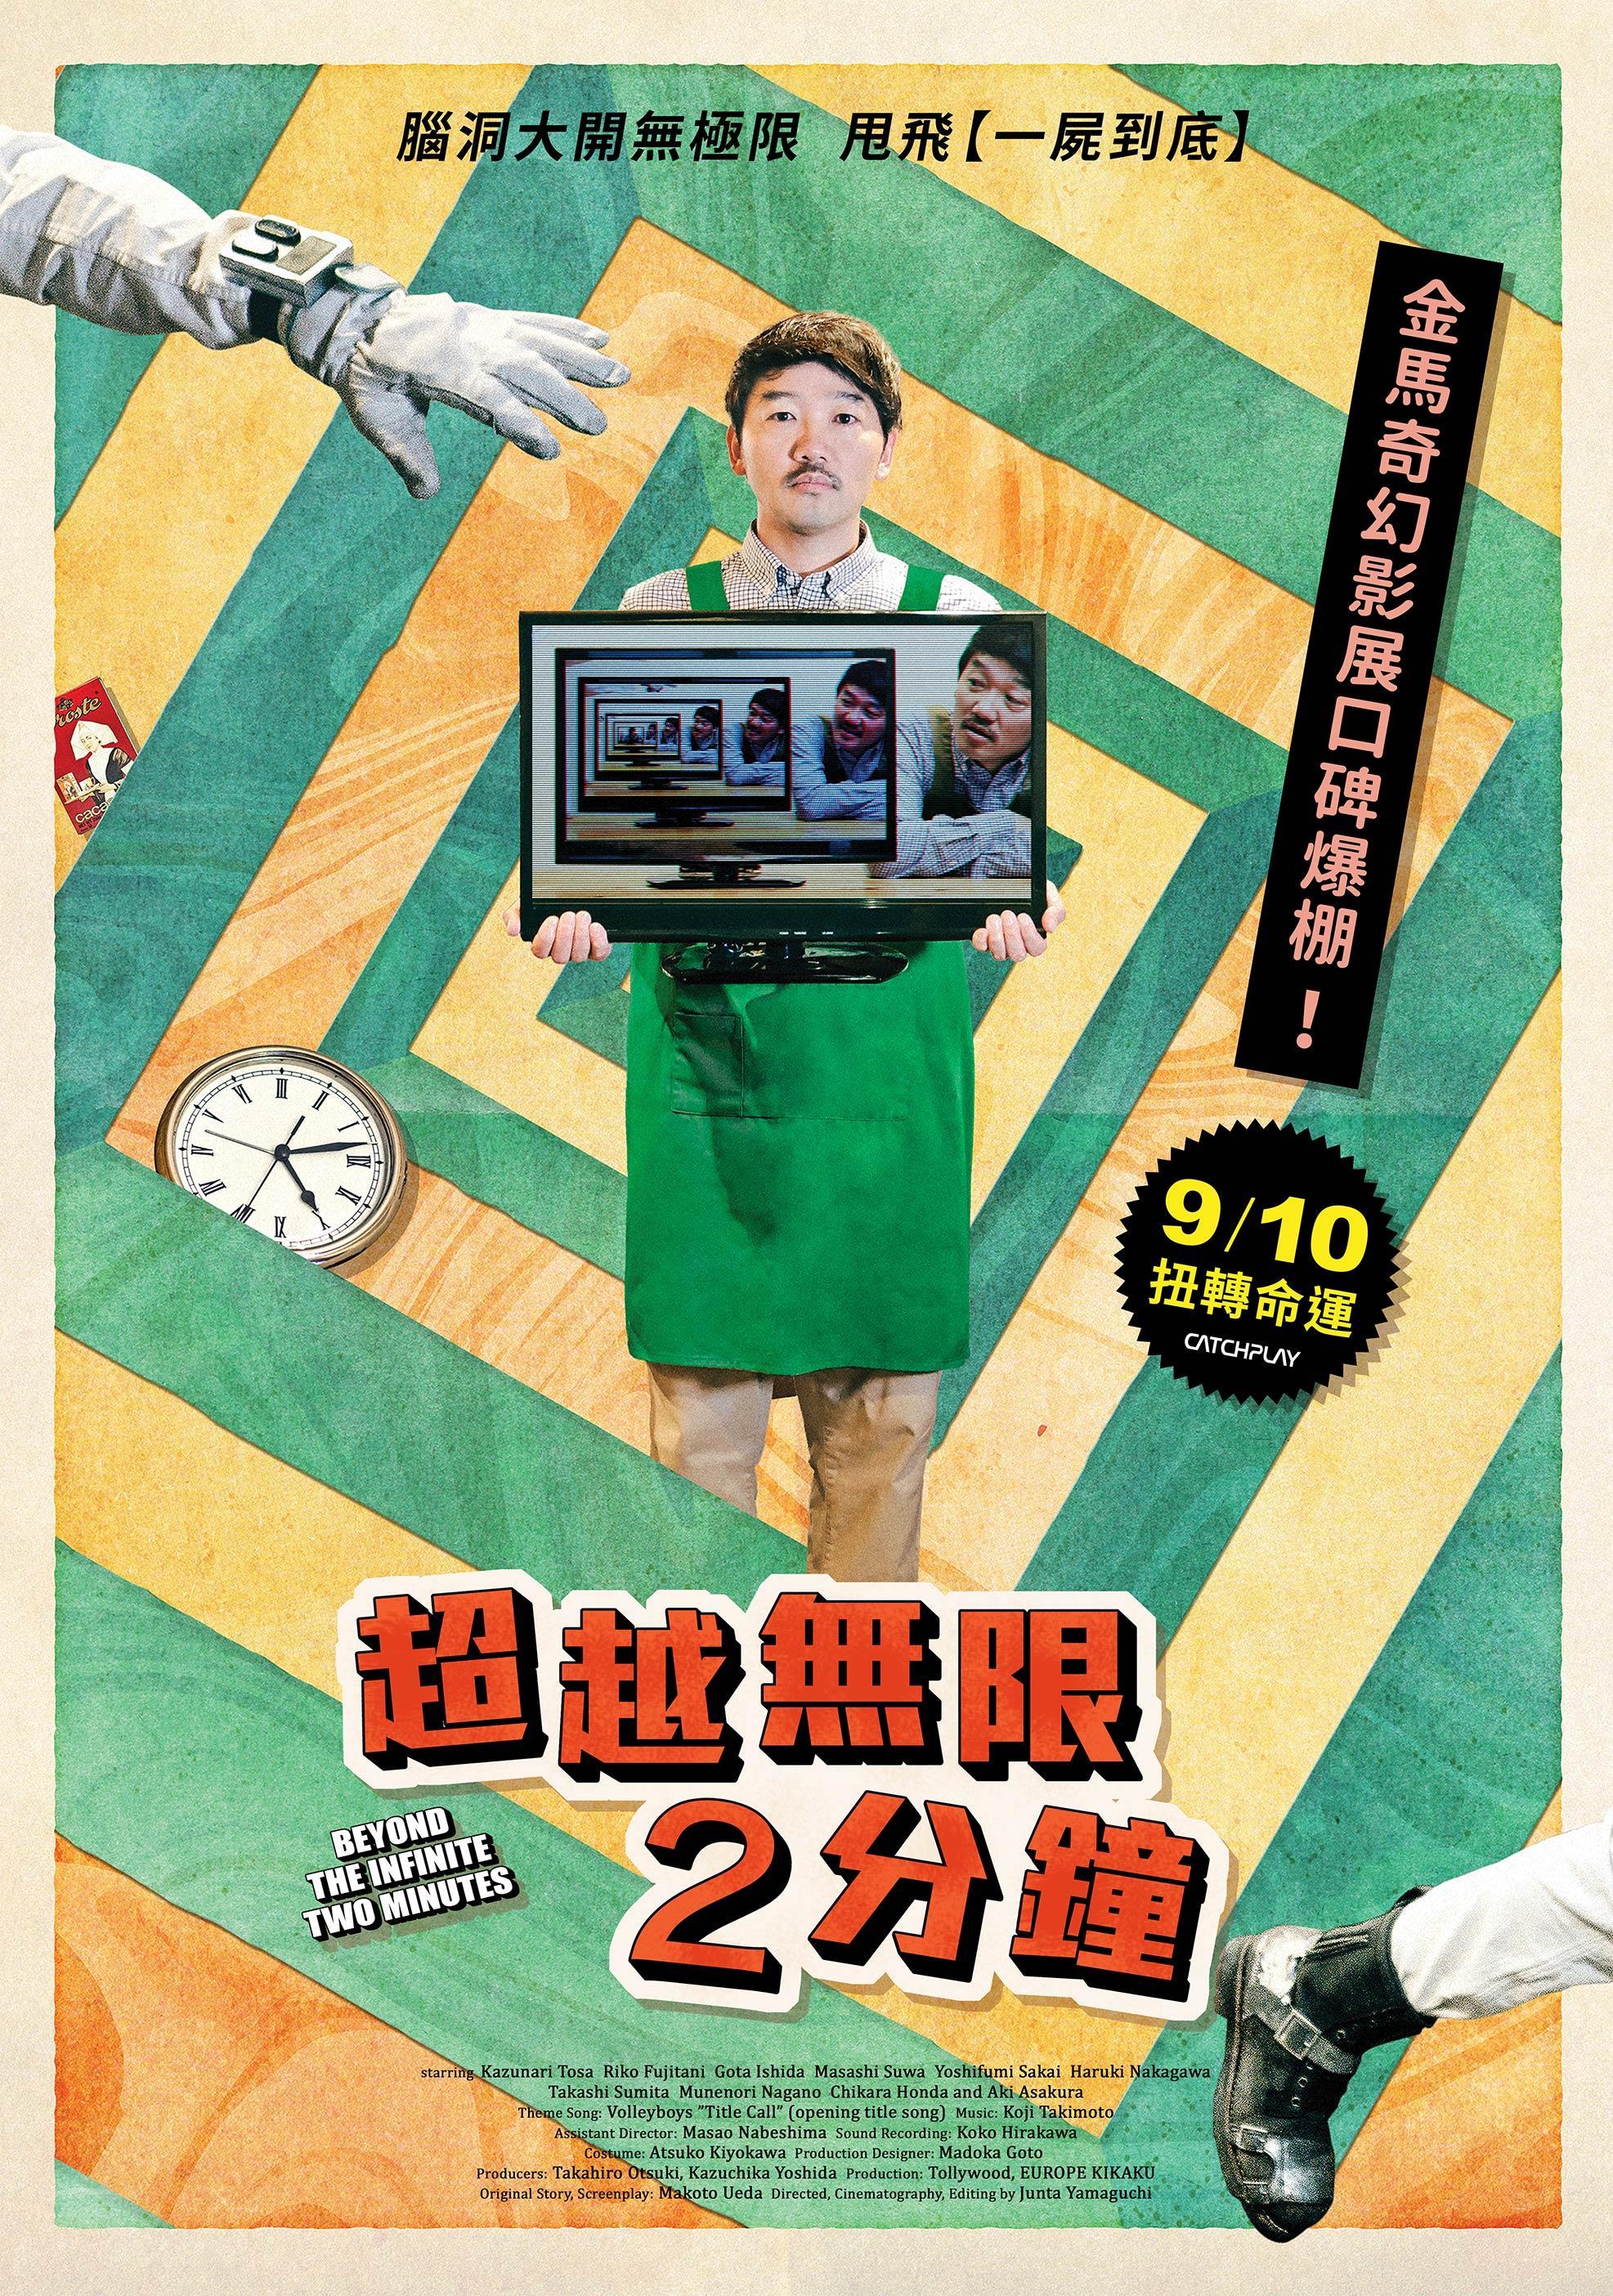 [繁中]超越無限2分鐘(720P)上映日期:2021-09-10